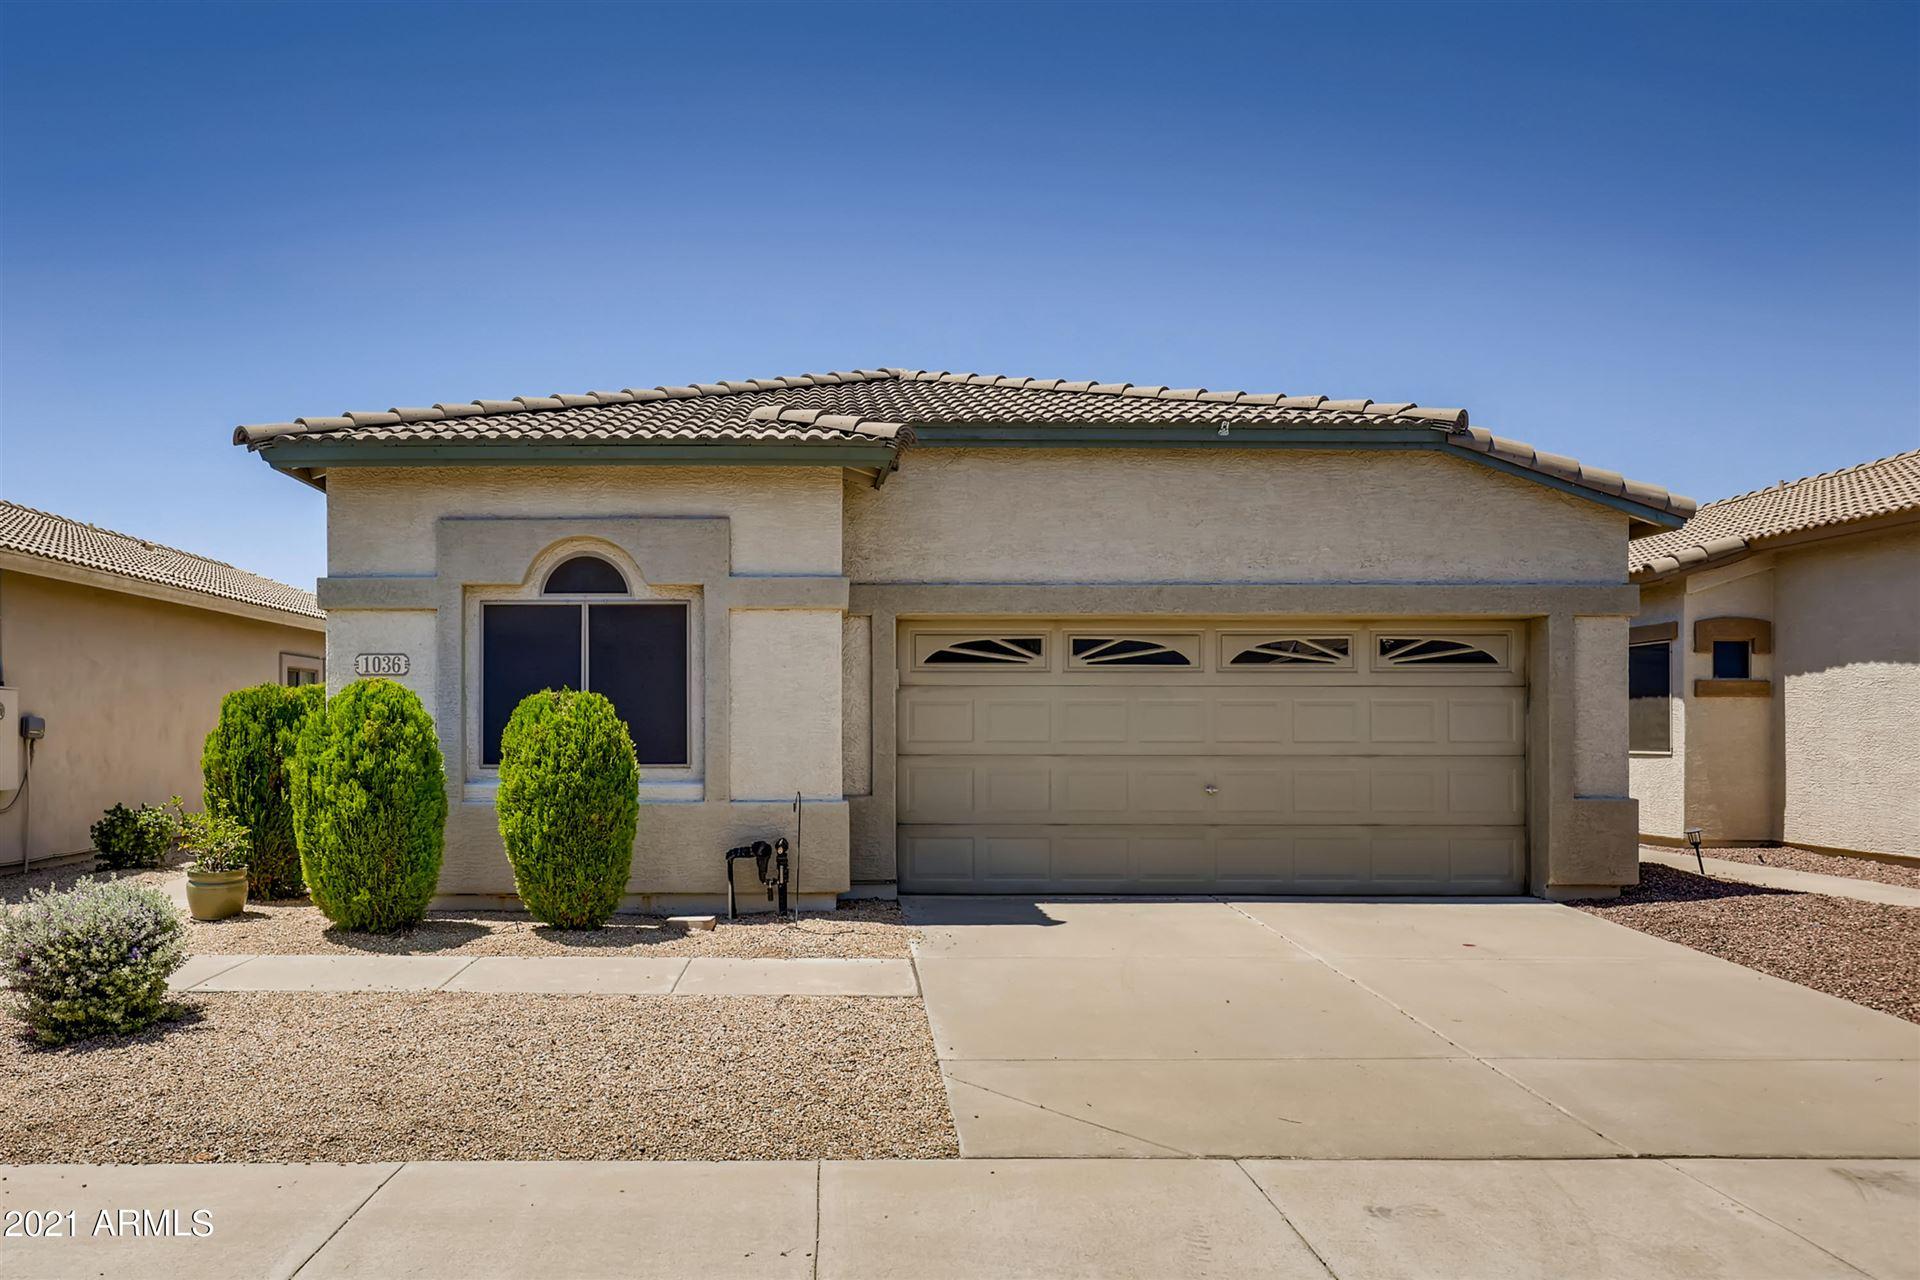 1036 S 99TH Place, Mesa, AZ 85208 - MLS#: 6276189